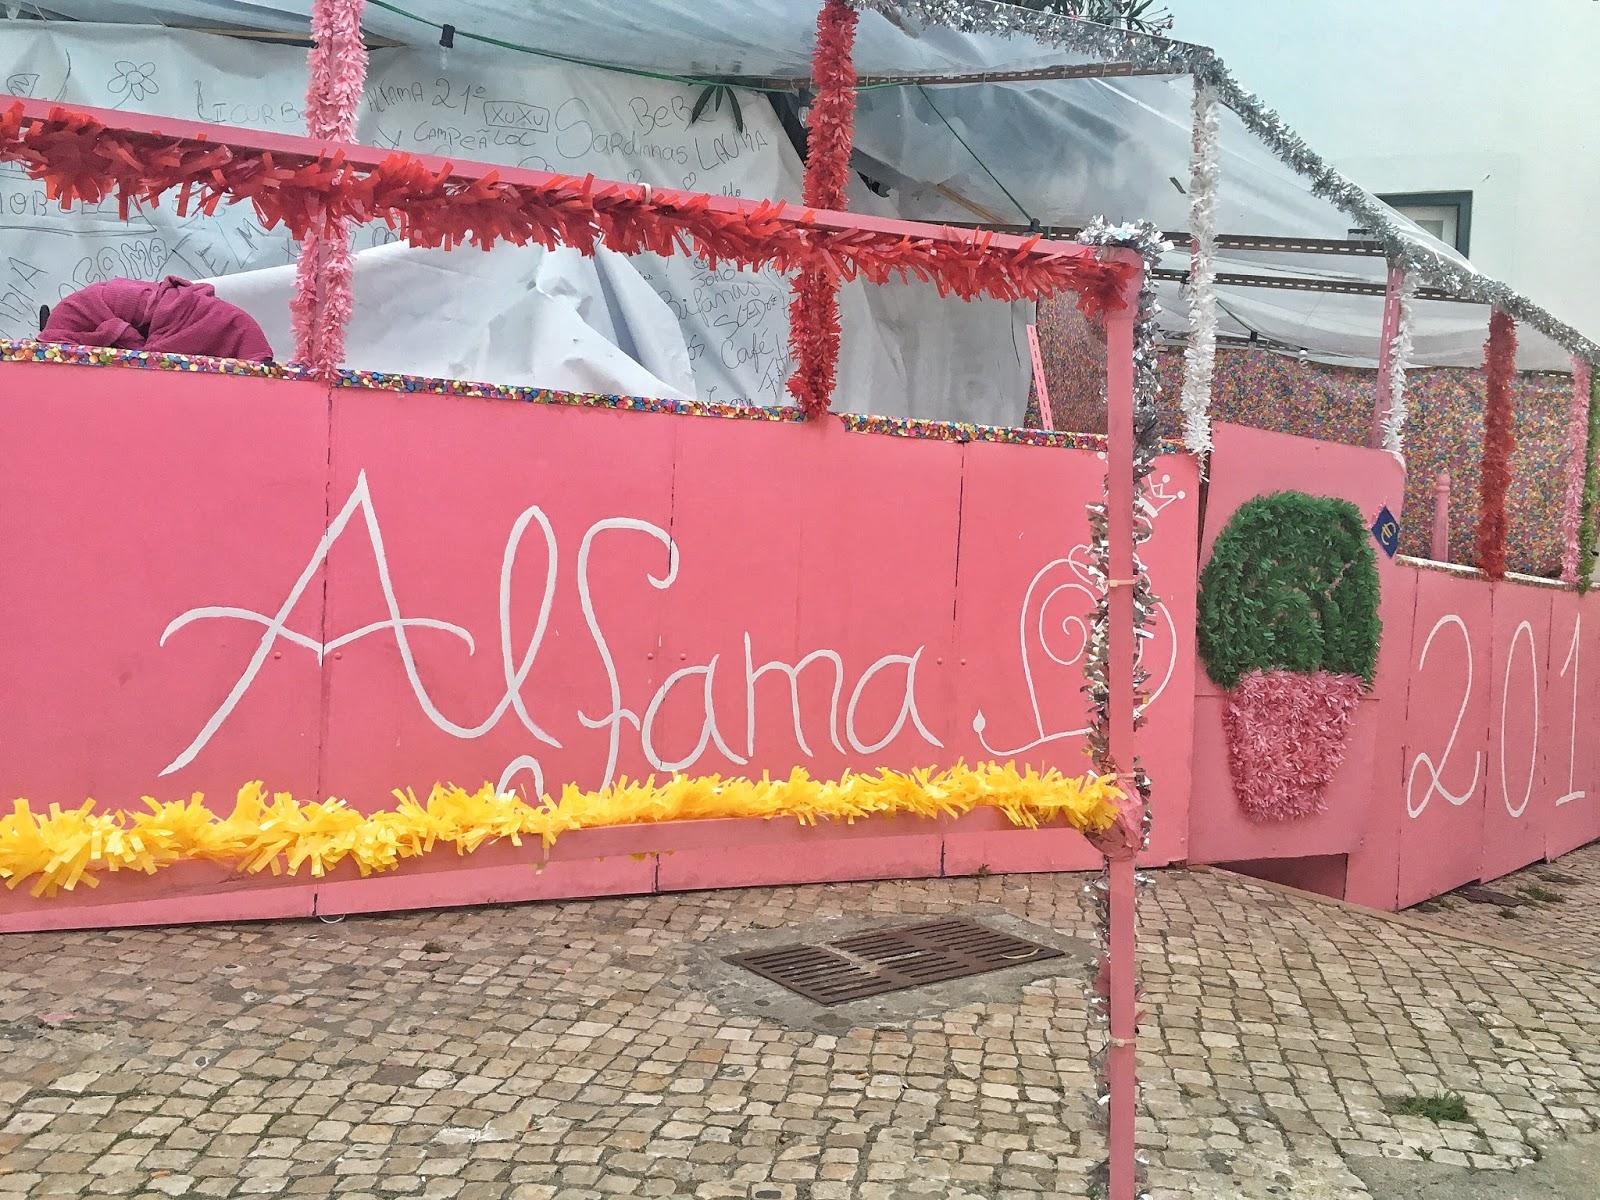 Festas de Lisboa, Santo Antonio, Ejnets, Alfama